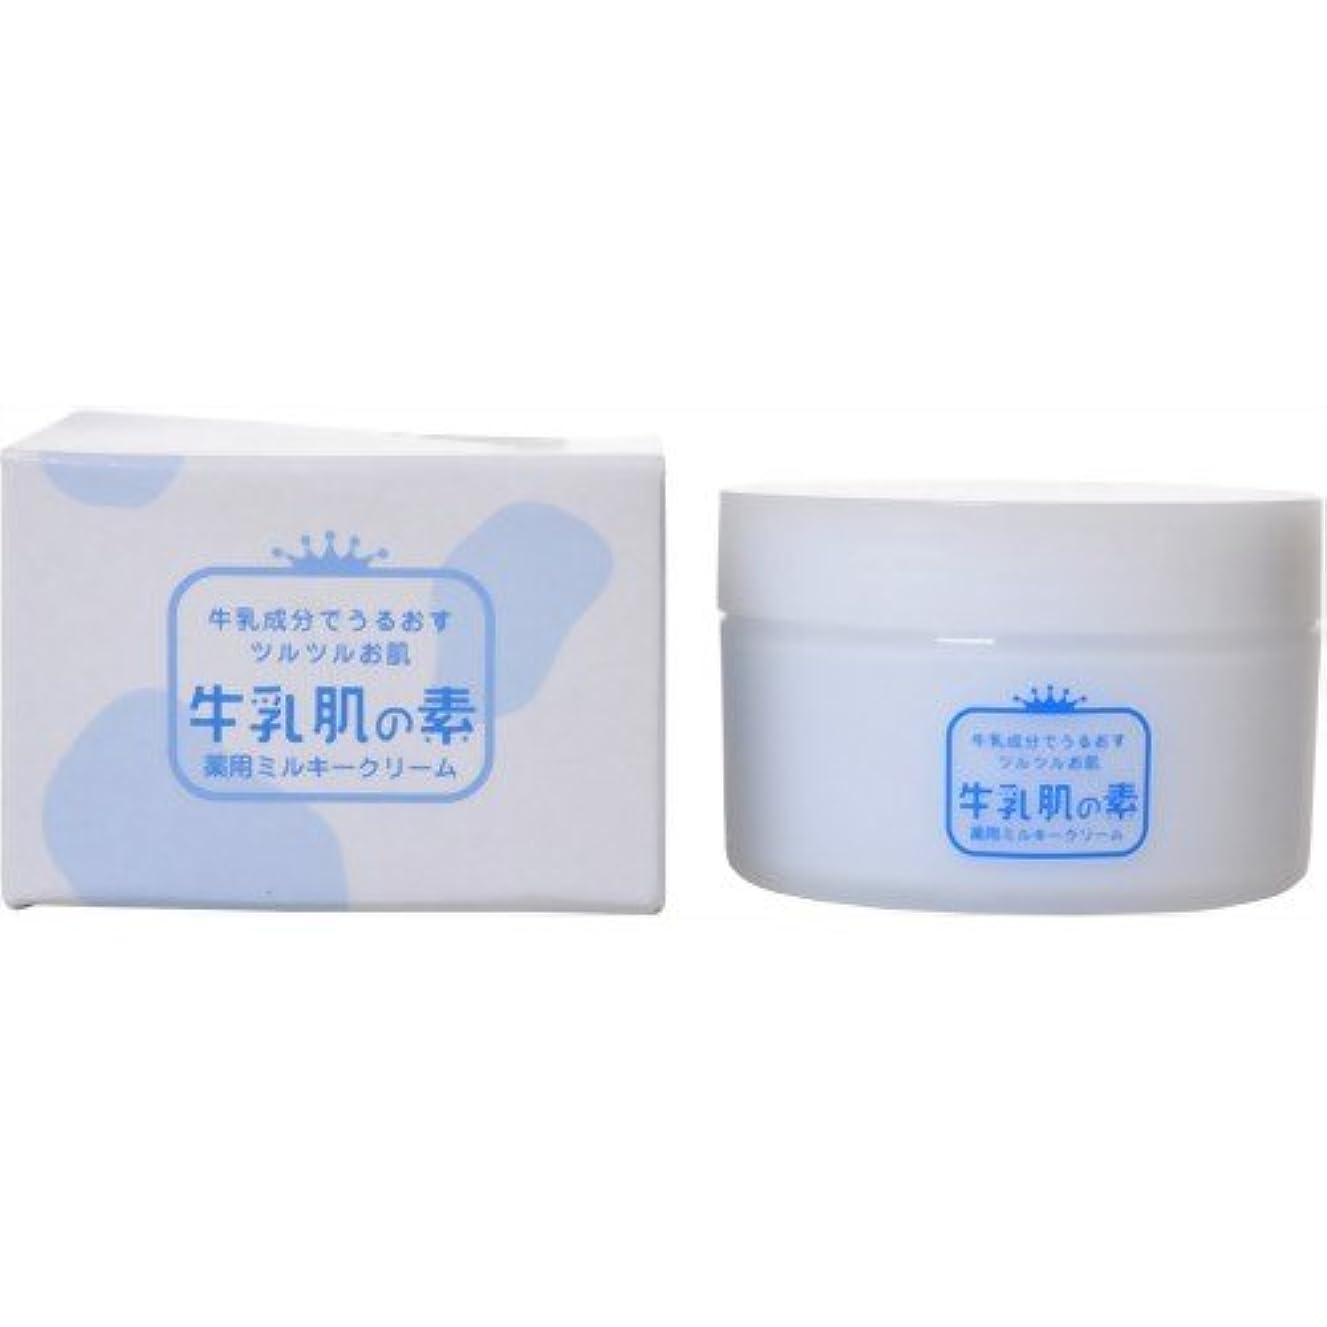 魅惑するジョットディボンドンブランク牛乳肌の素 薬用ミルキークリーム 90g 医薬部外品